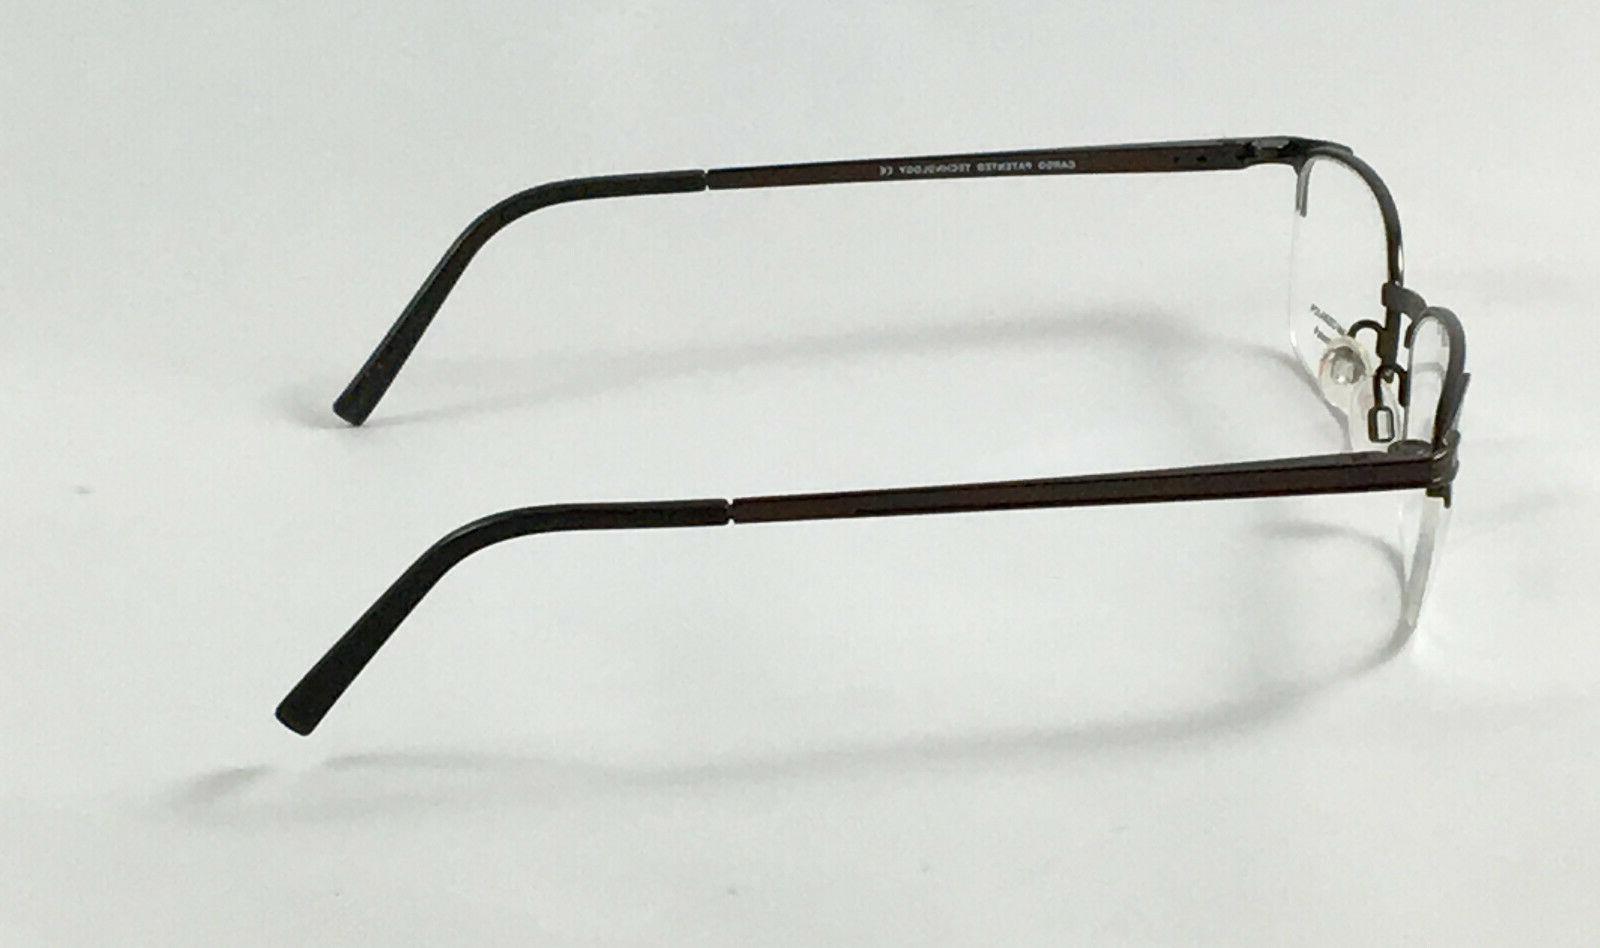 New Men's Eyeglasses W/ Clip On Sunglasses